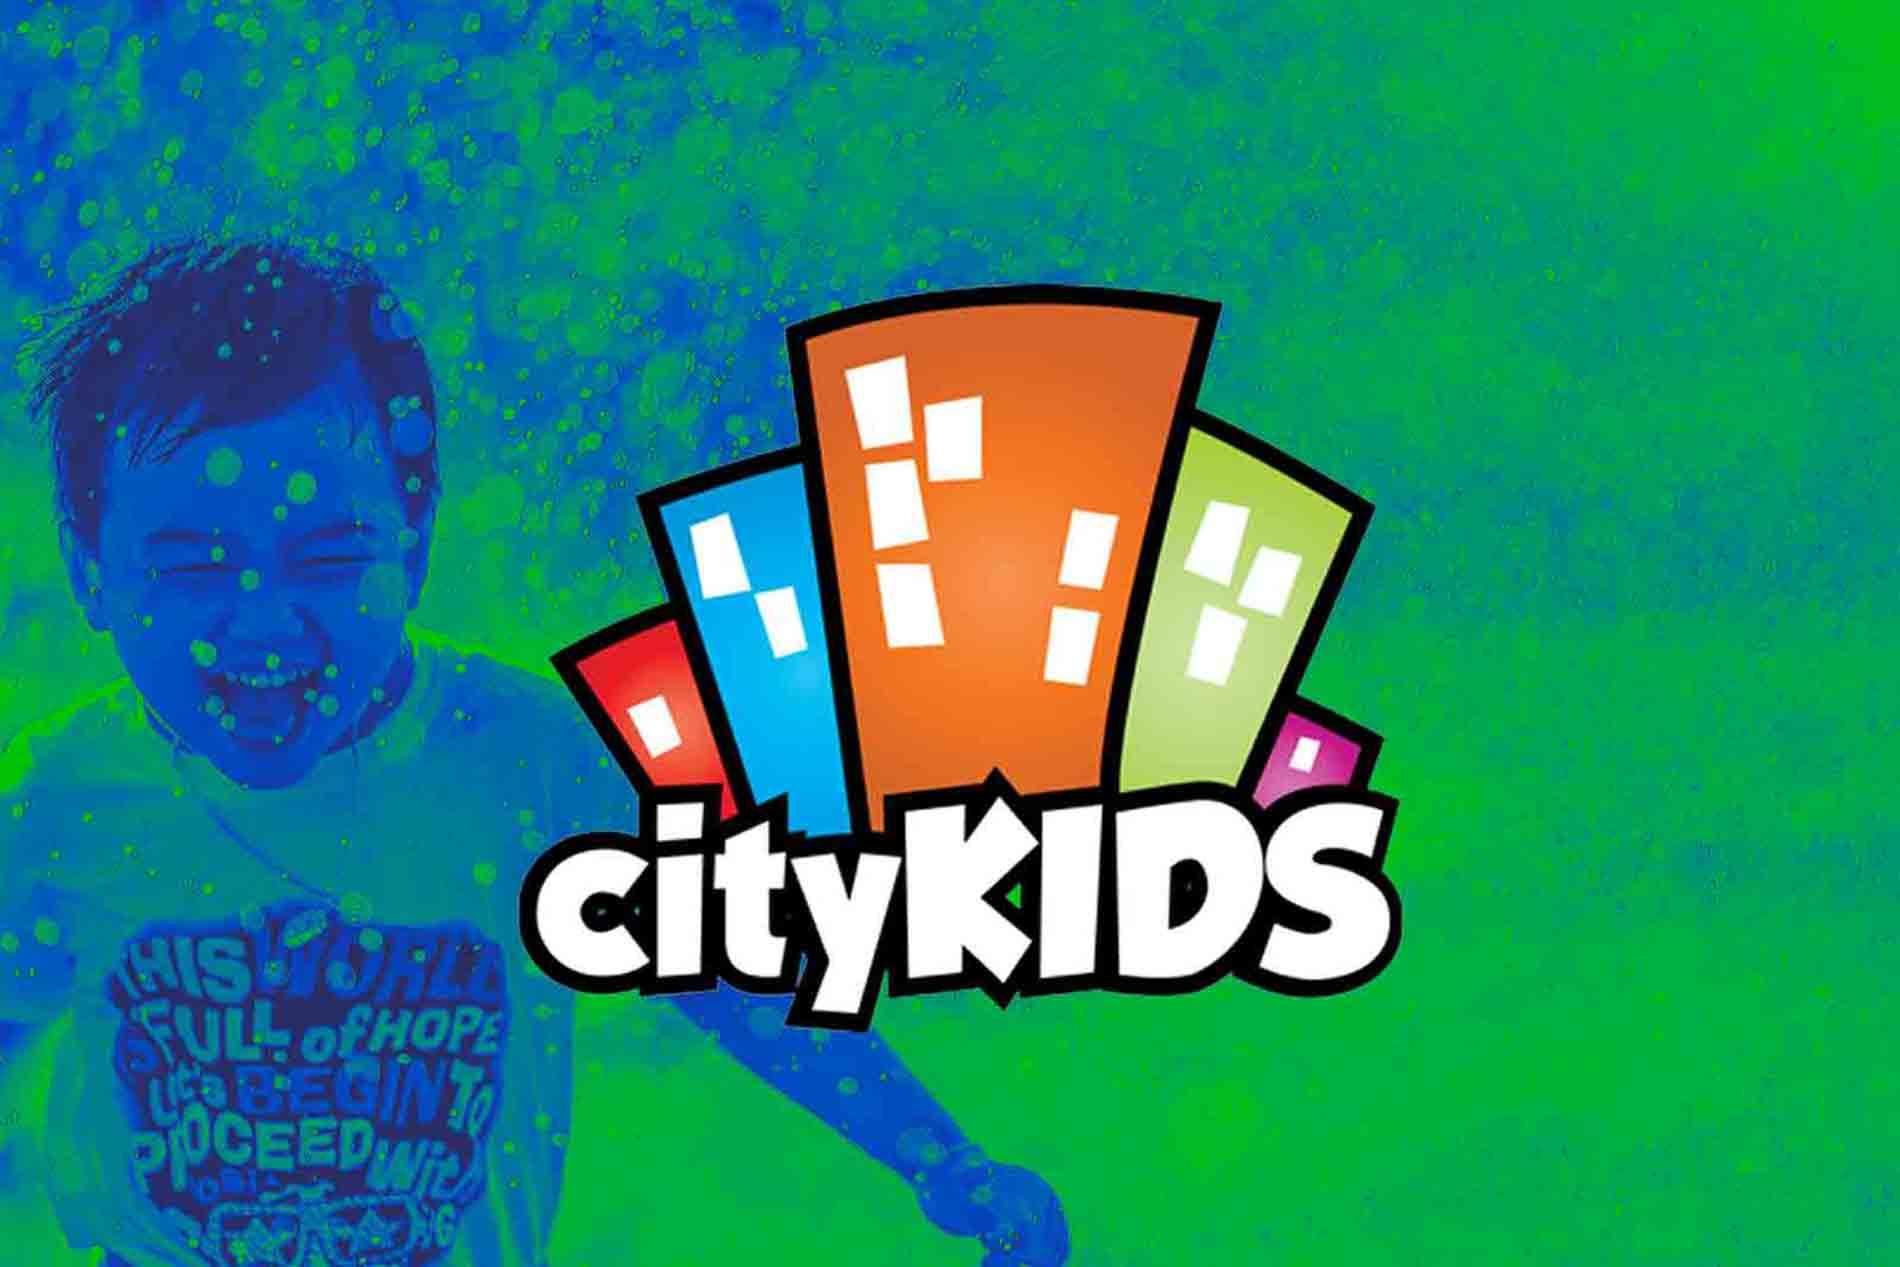 City_Kids_Registration_Form.jpg